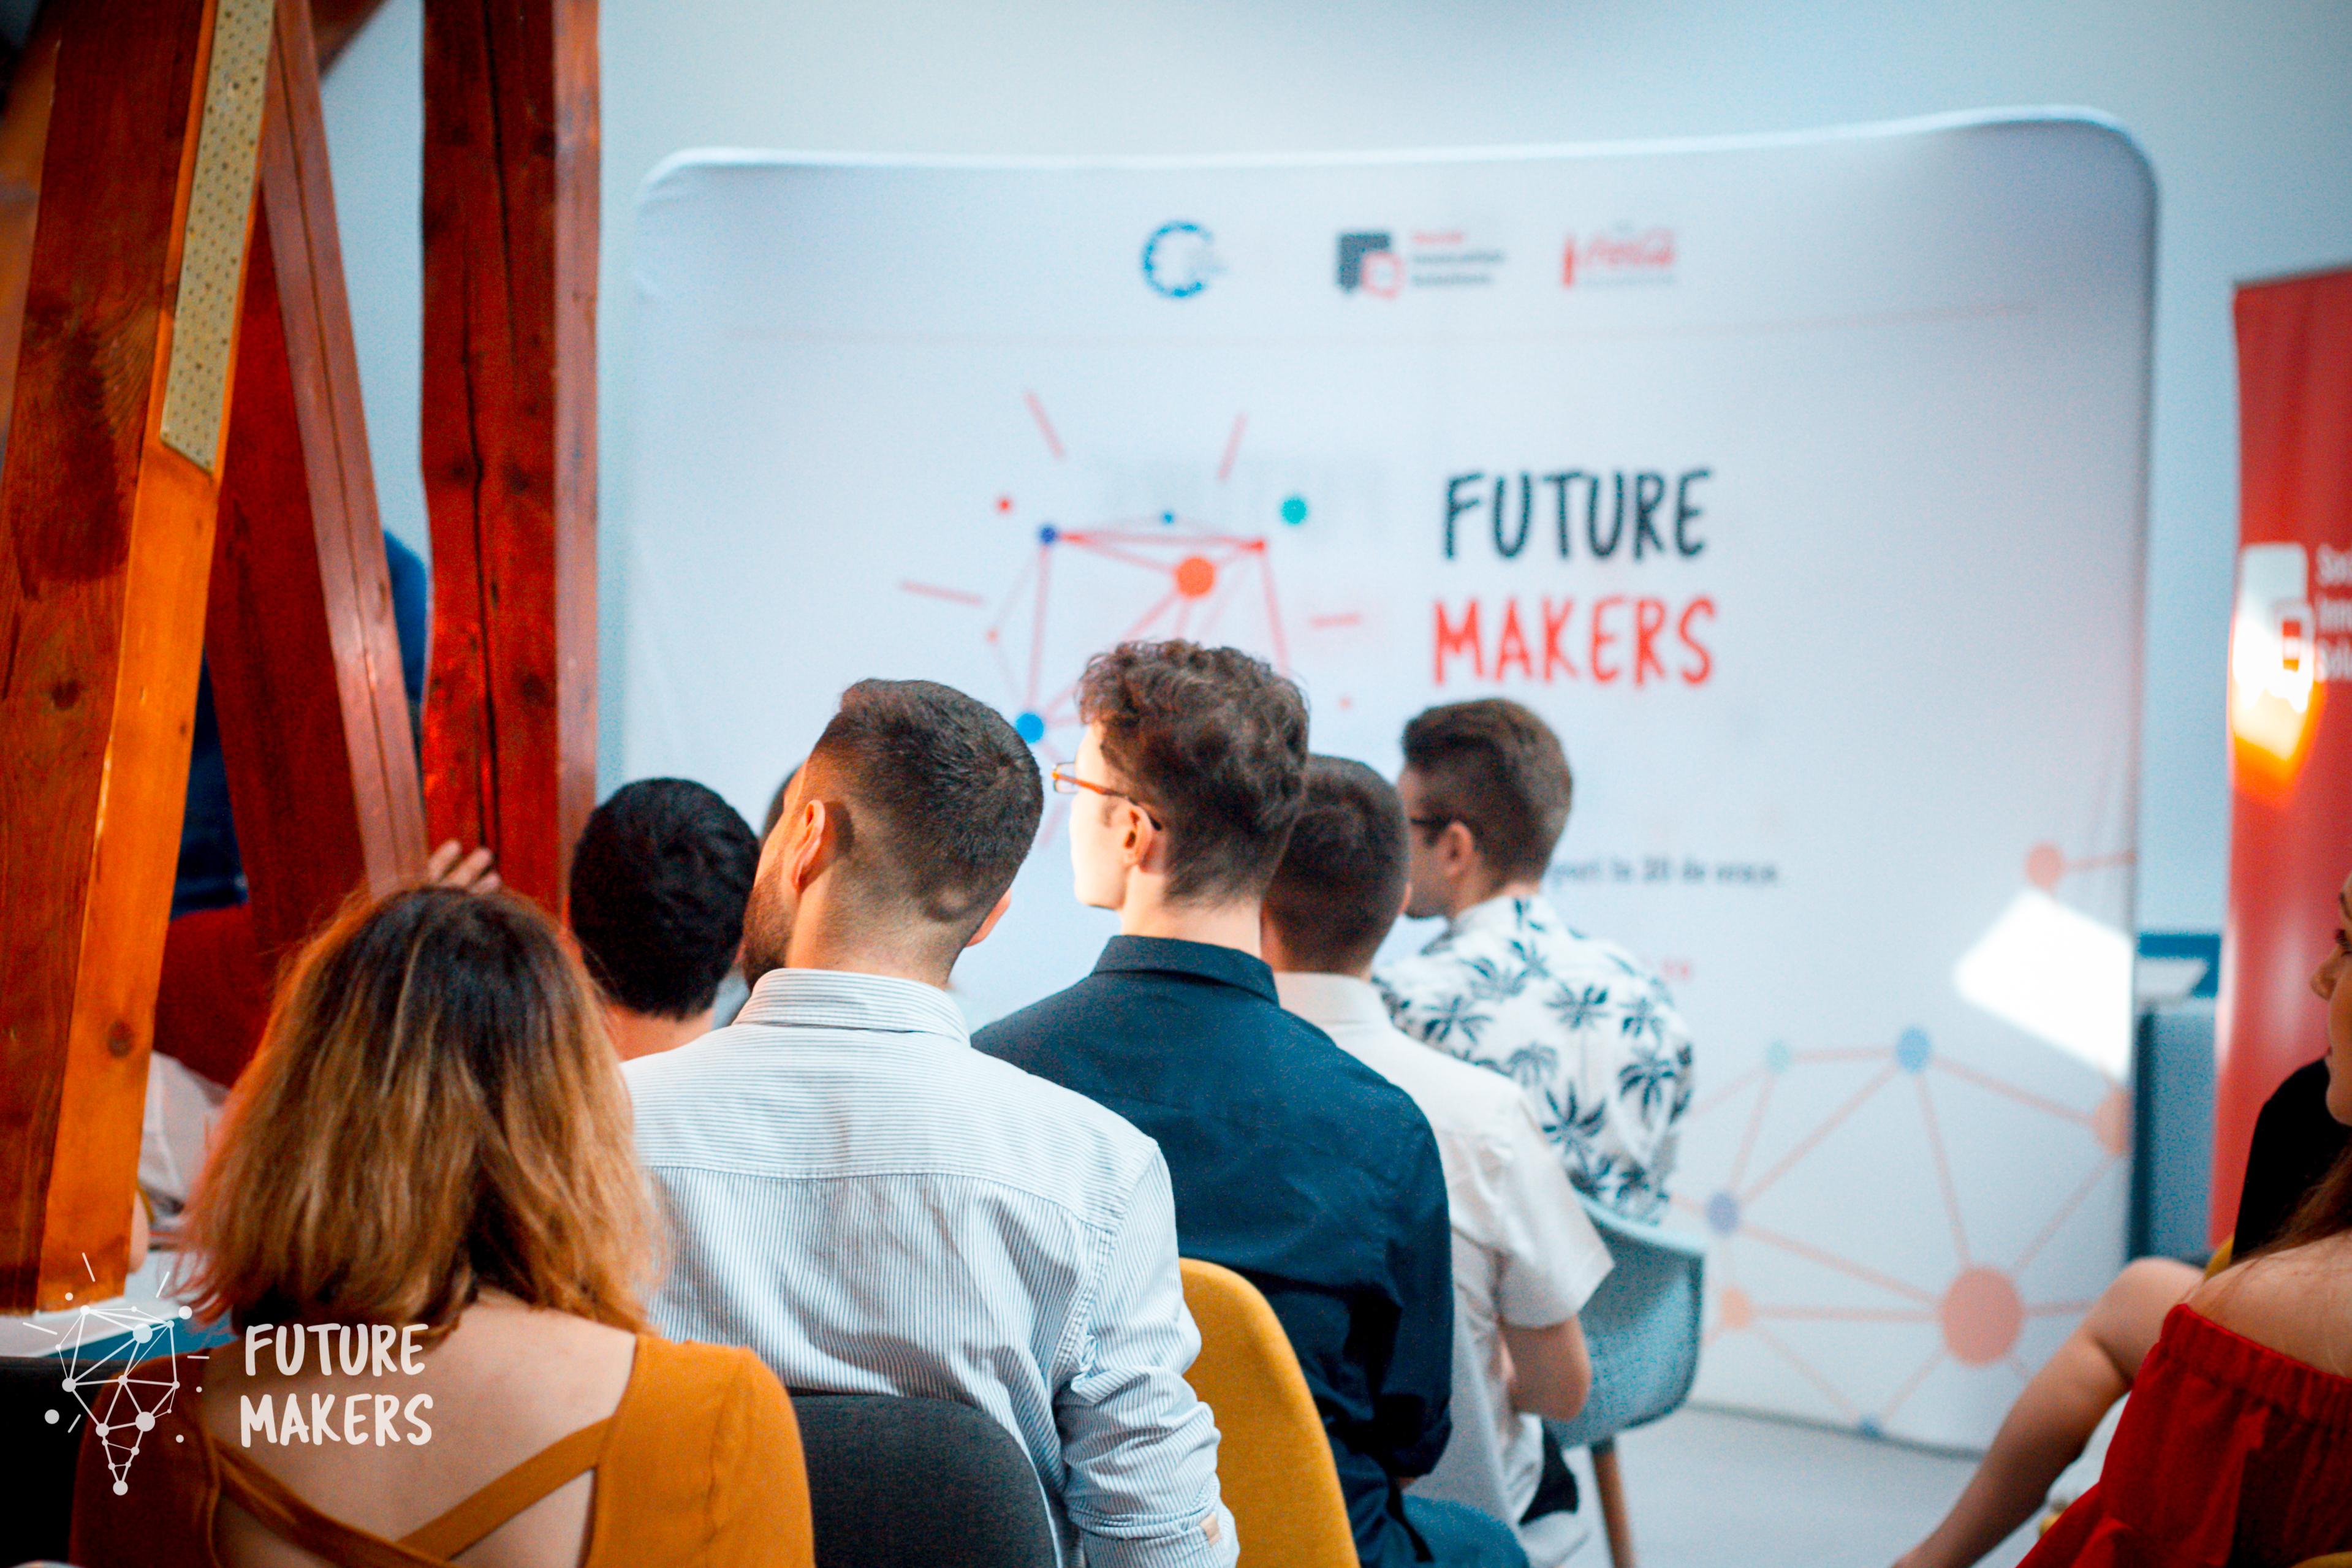 Juriul Future Makers a ales 55 de idei de afaceri ale tinerilor, pentru viitorul României